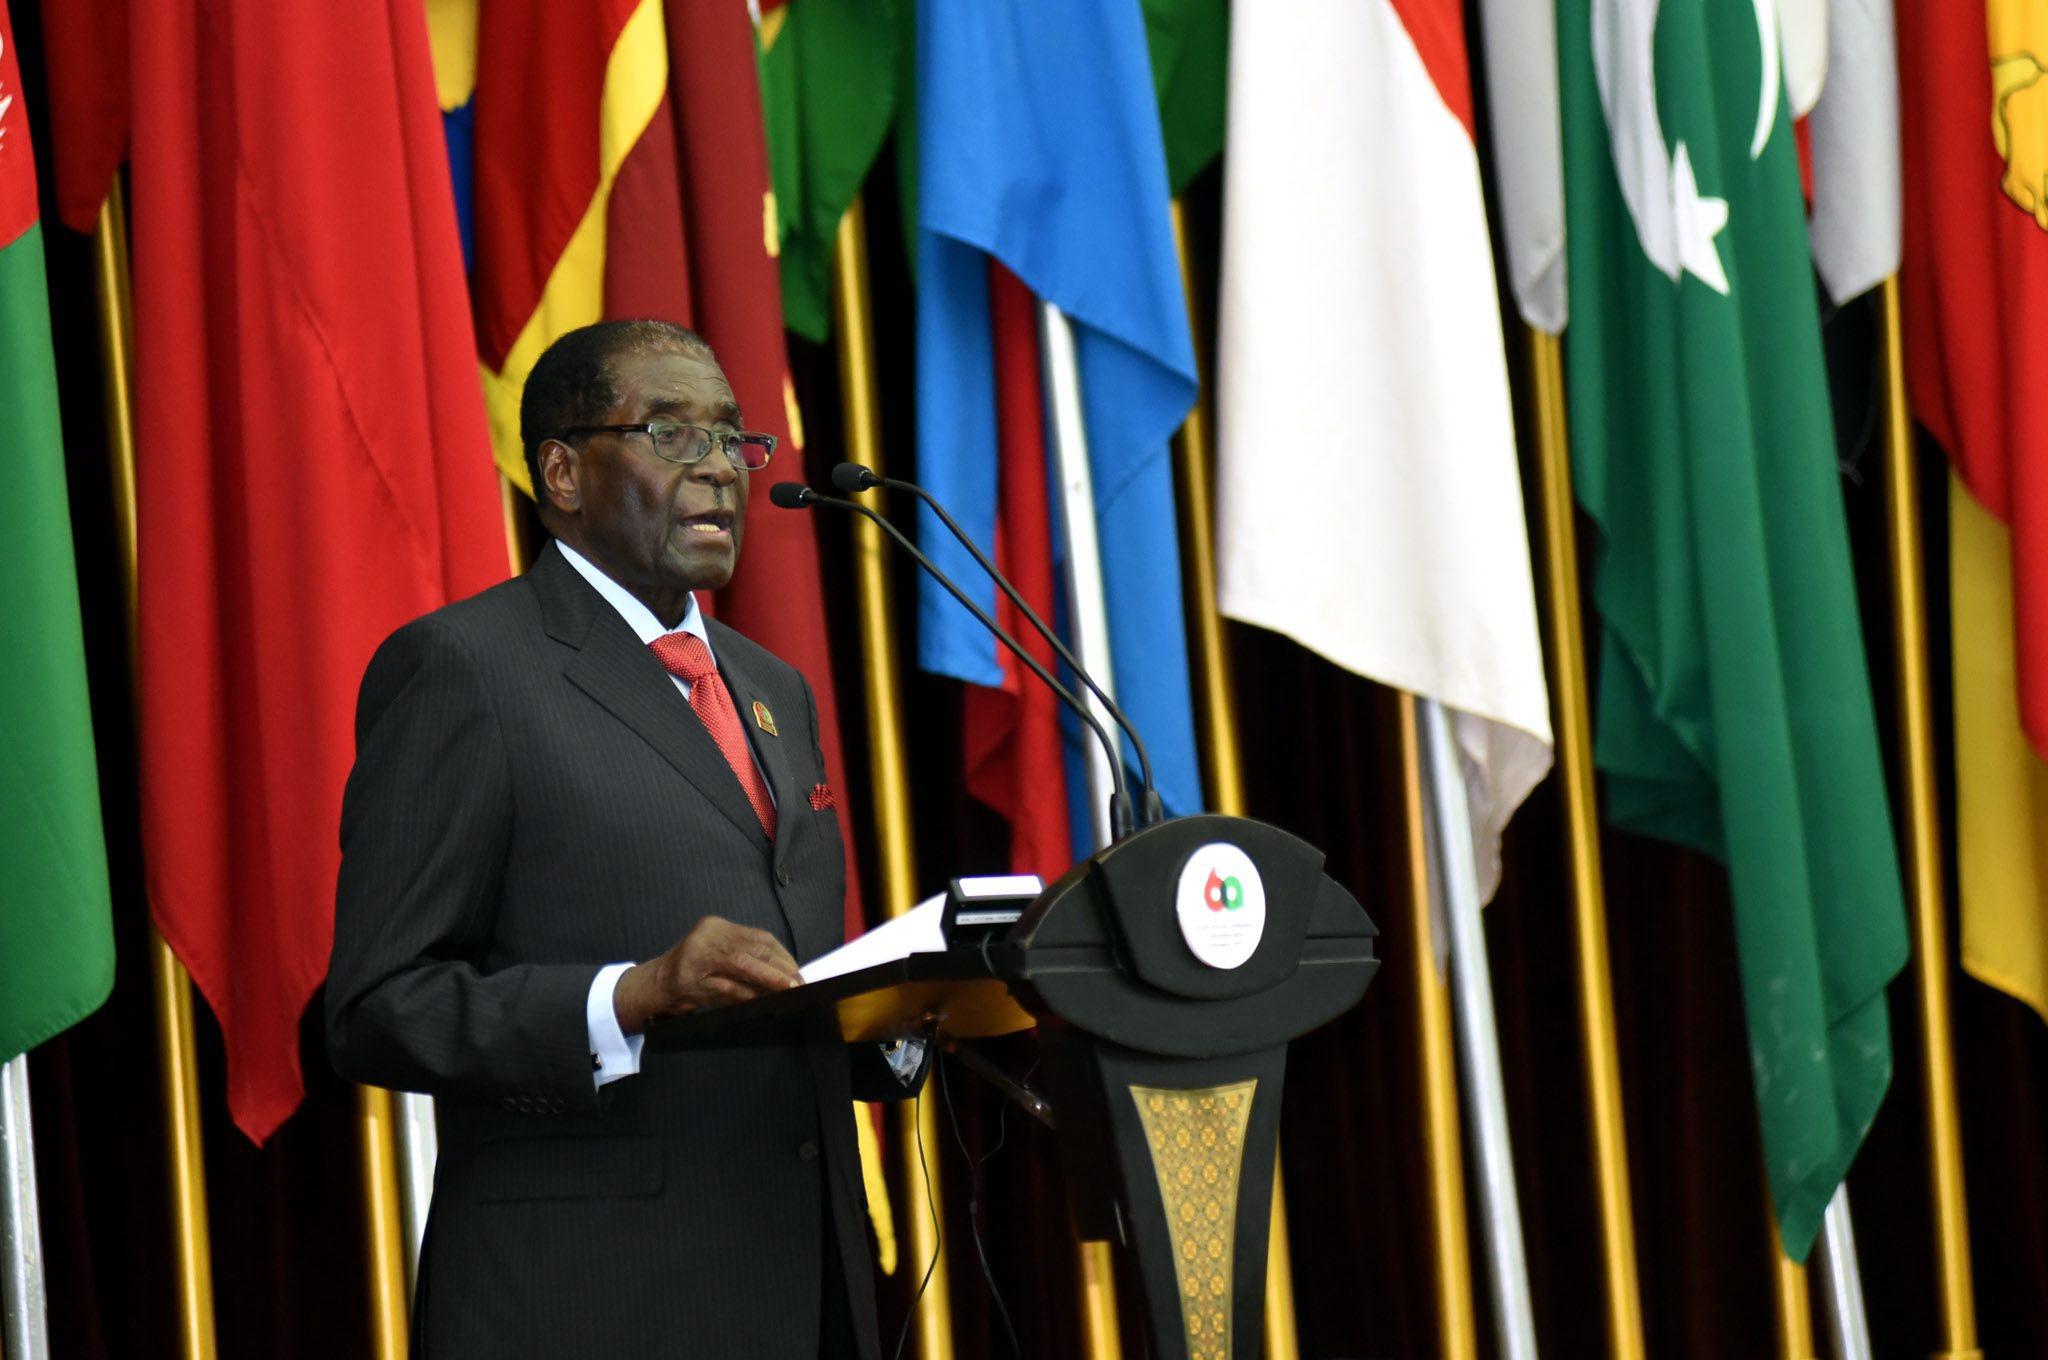 Foto LUSA - O Presidente do Zimbabué, Robert Mugabe, 24 de abril de 2015. EPA/AGUS SUPARTO HANDOUT EDITORIAL USE ONLY/NO SALES